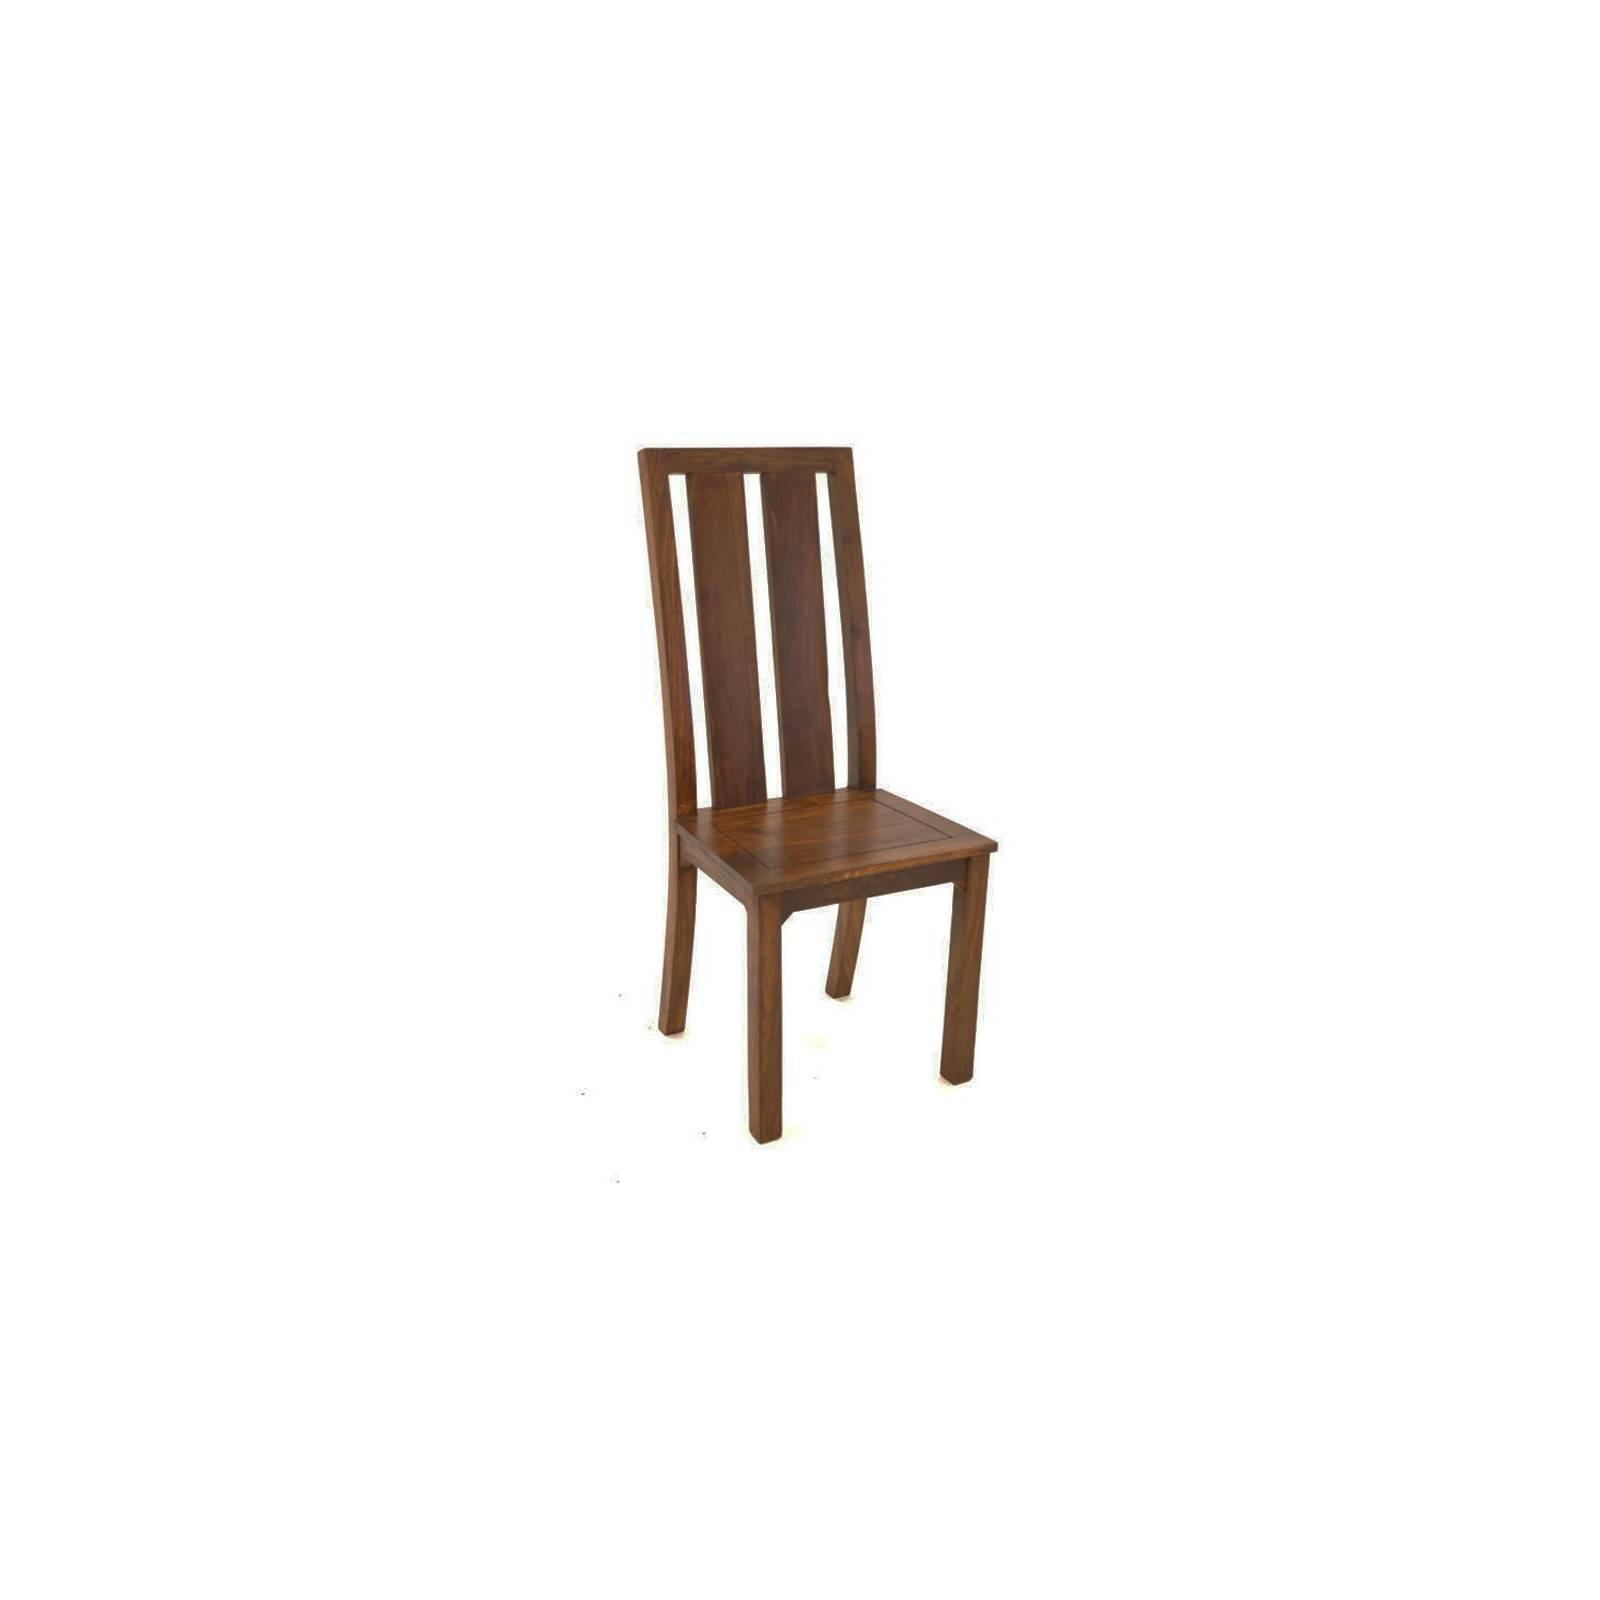 Chaise Zen Palissandre - meubles bois exotique